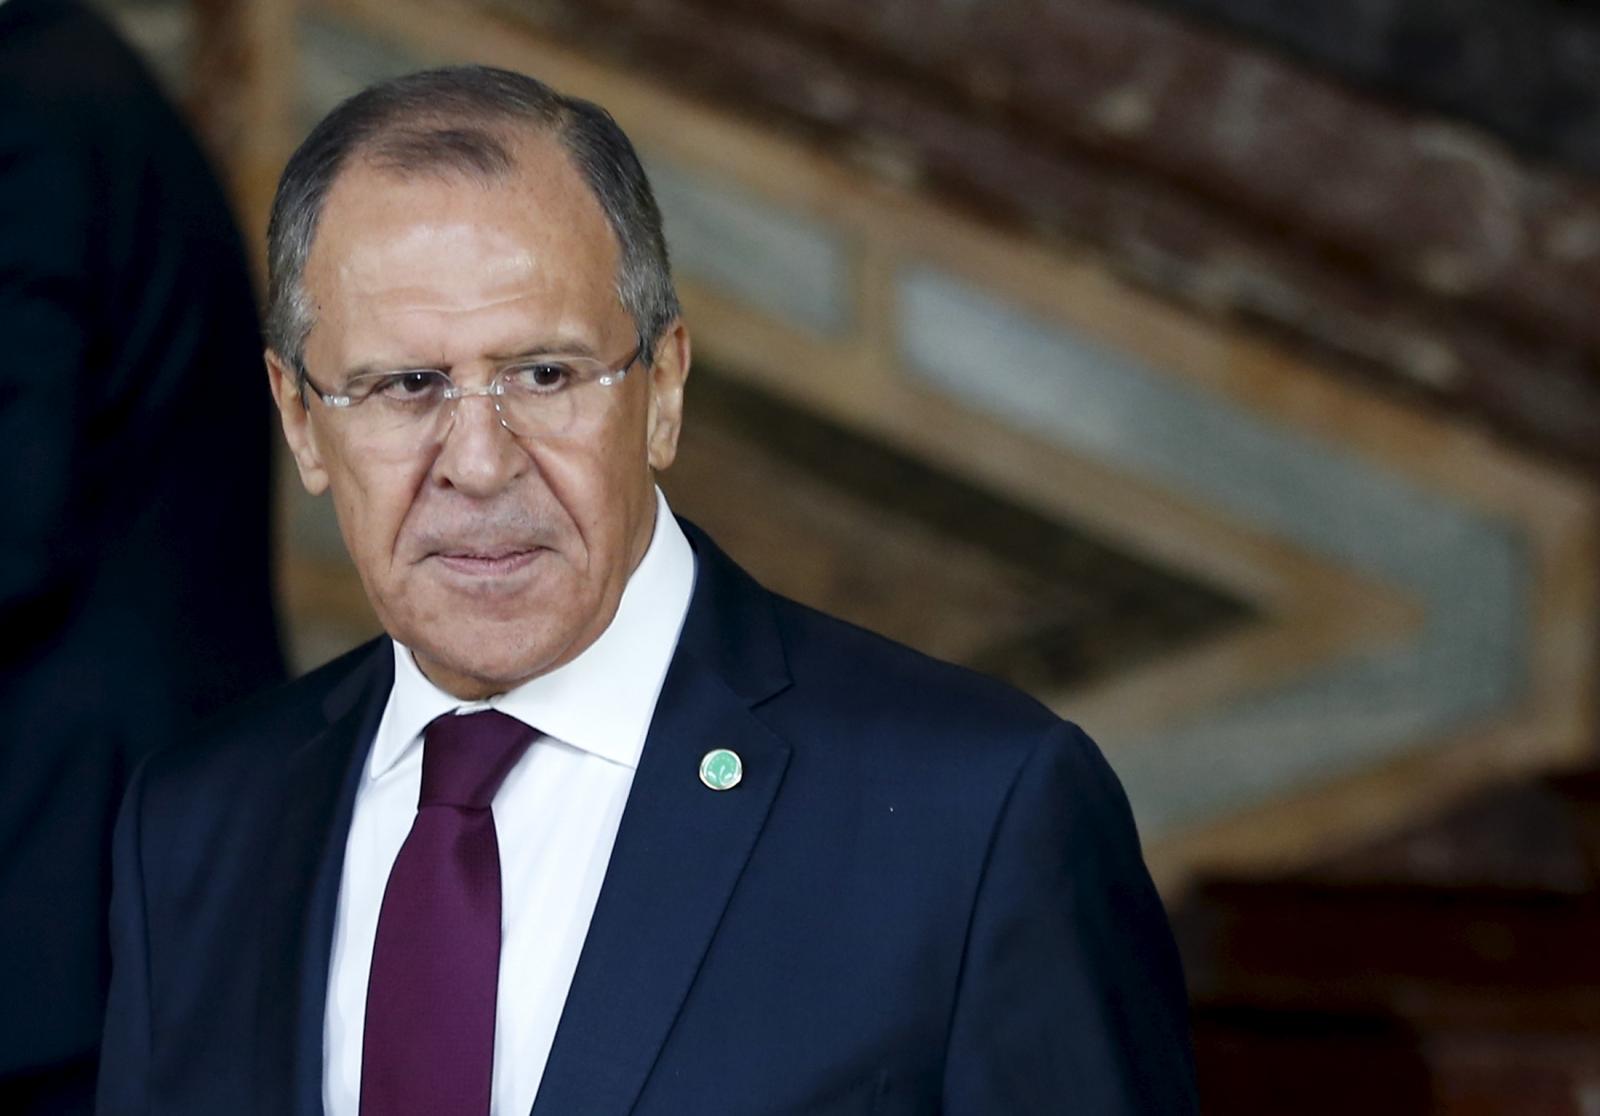 صورة روسيا تتمسك بموقفها من الجولان وترفض تحويل سورية إلى ساحة مواجهة